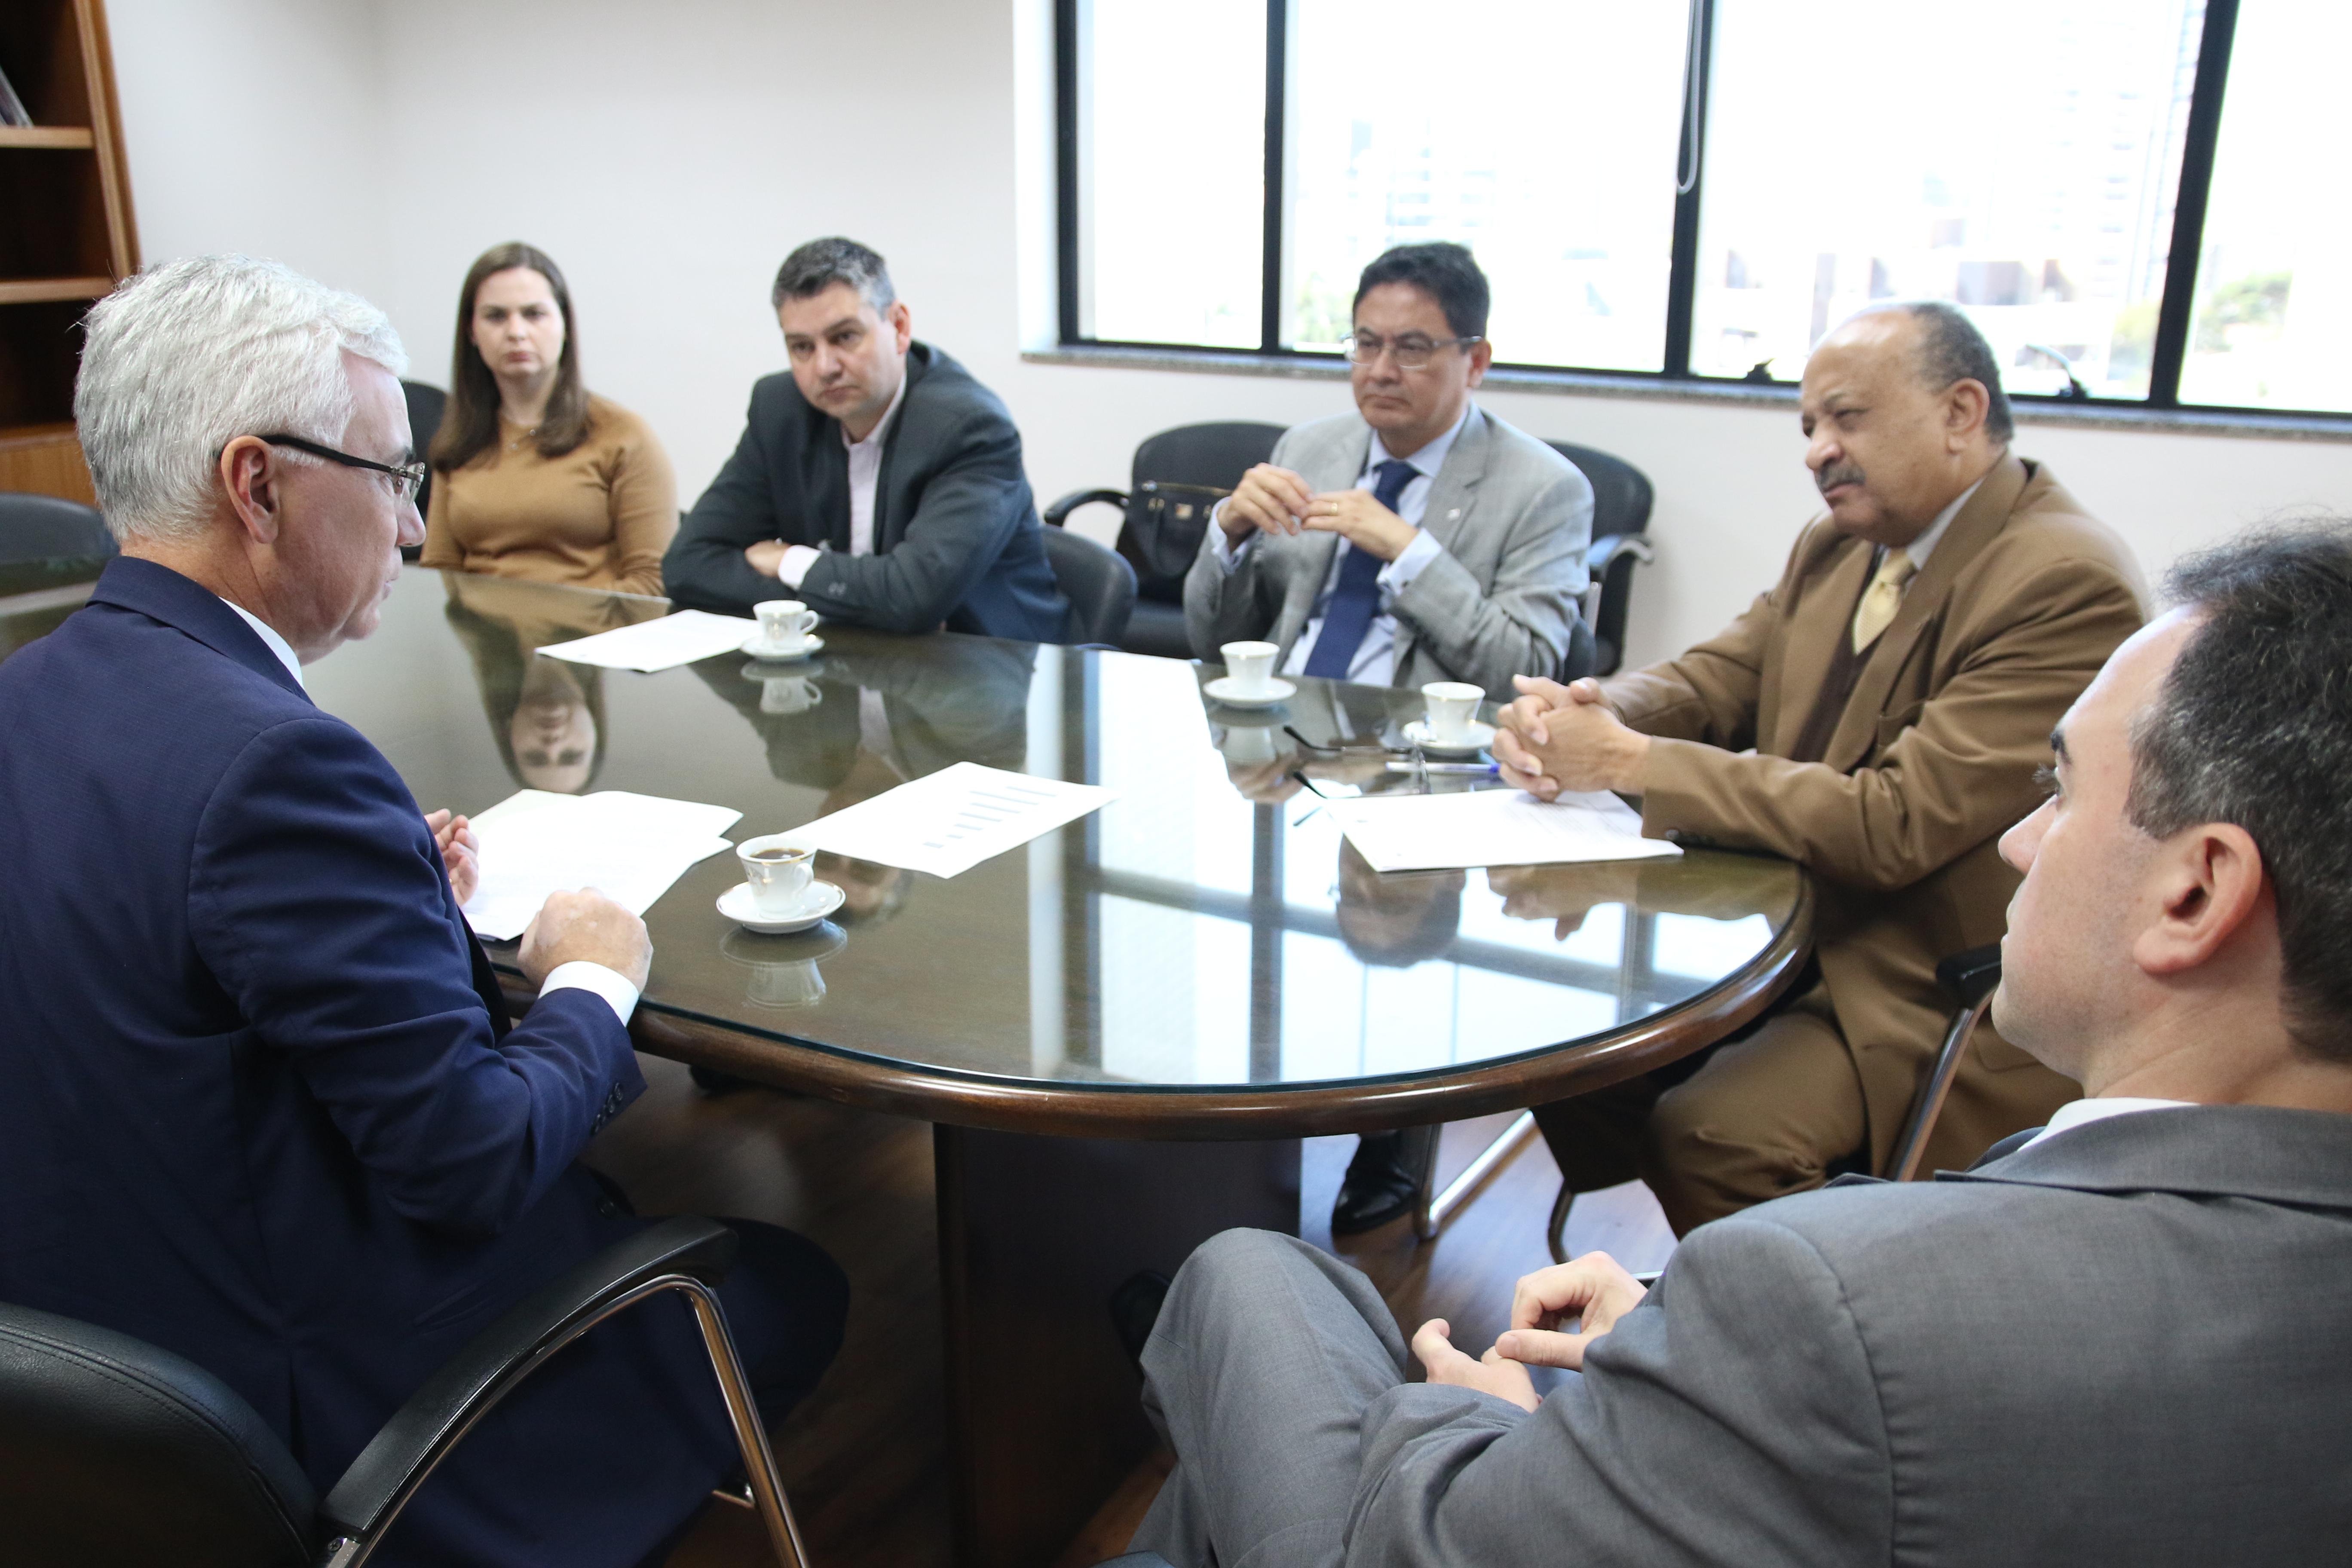 OAB Paraná solicita na Corregedoria-Geral do TJ-PR respeito à tabela de honorários e ao rodízio da advocacia dativa